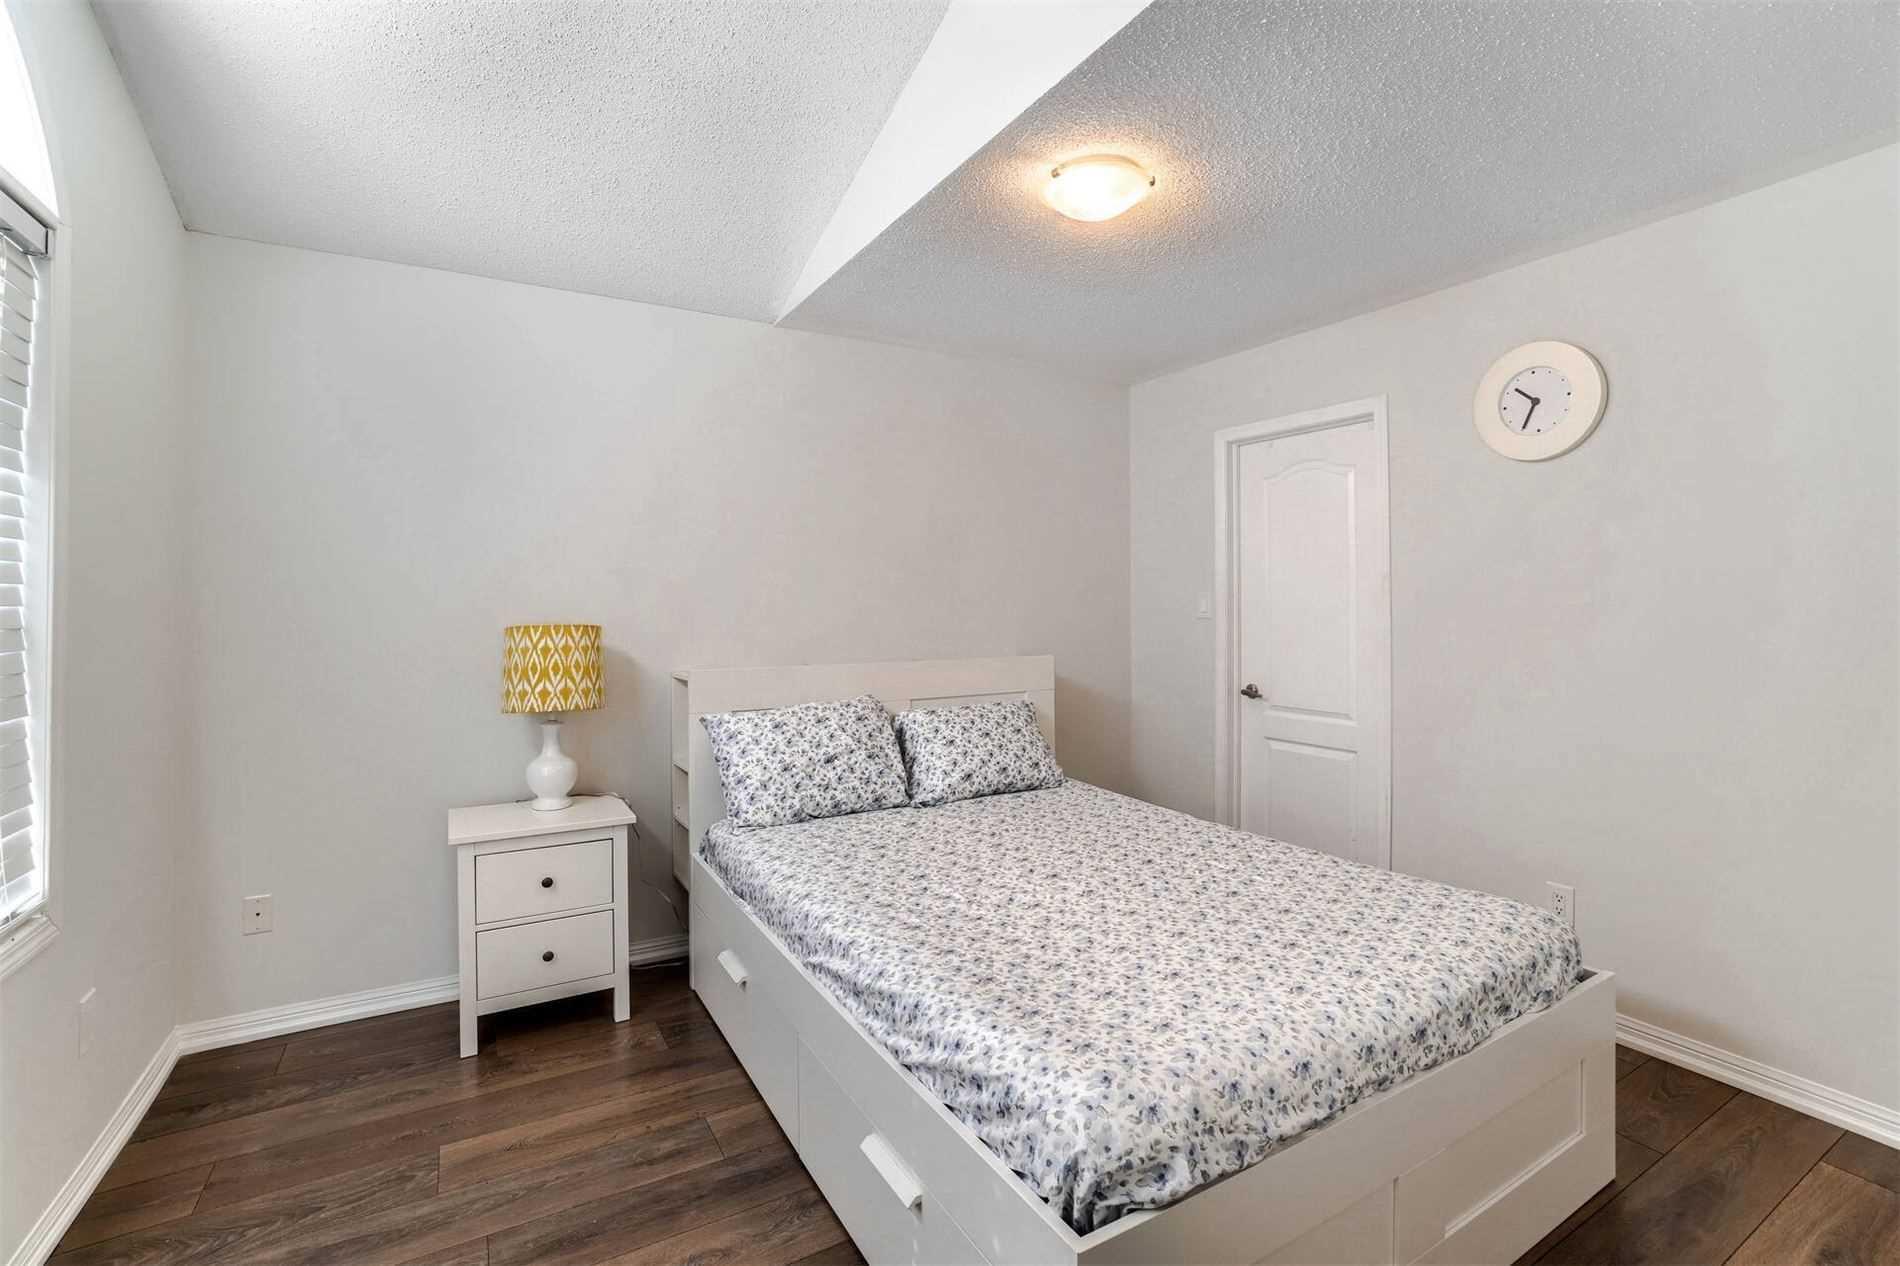 909 Hepburn Rd - Coates Detached for sale, 4 Bedrooms (W5398610) - #24